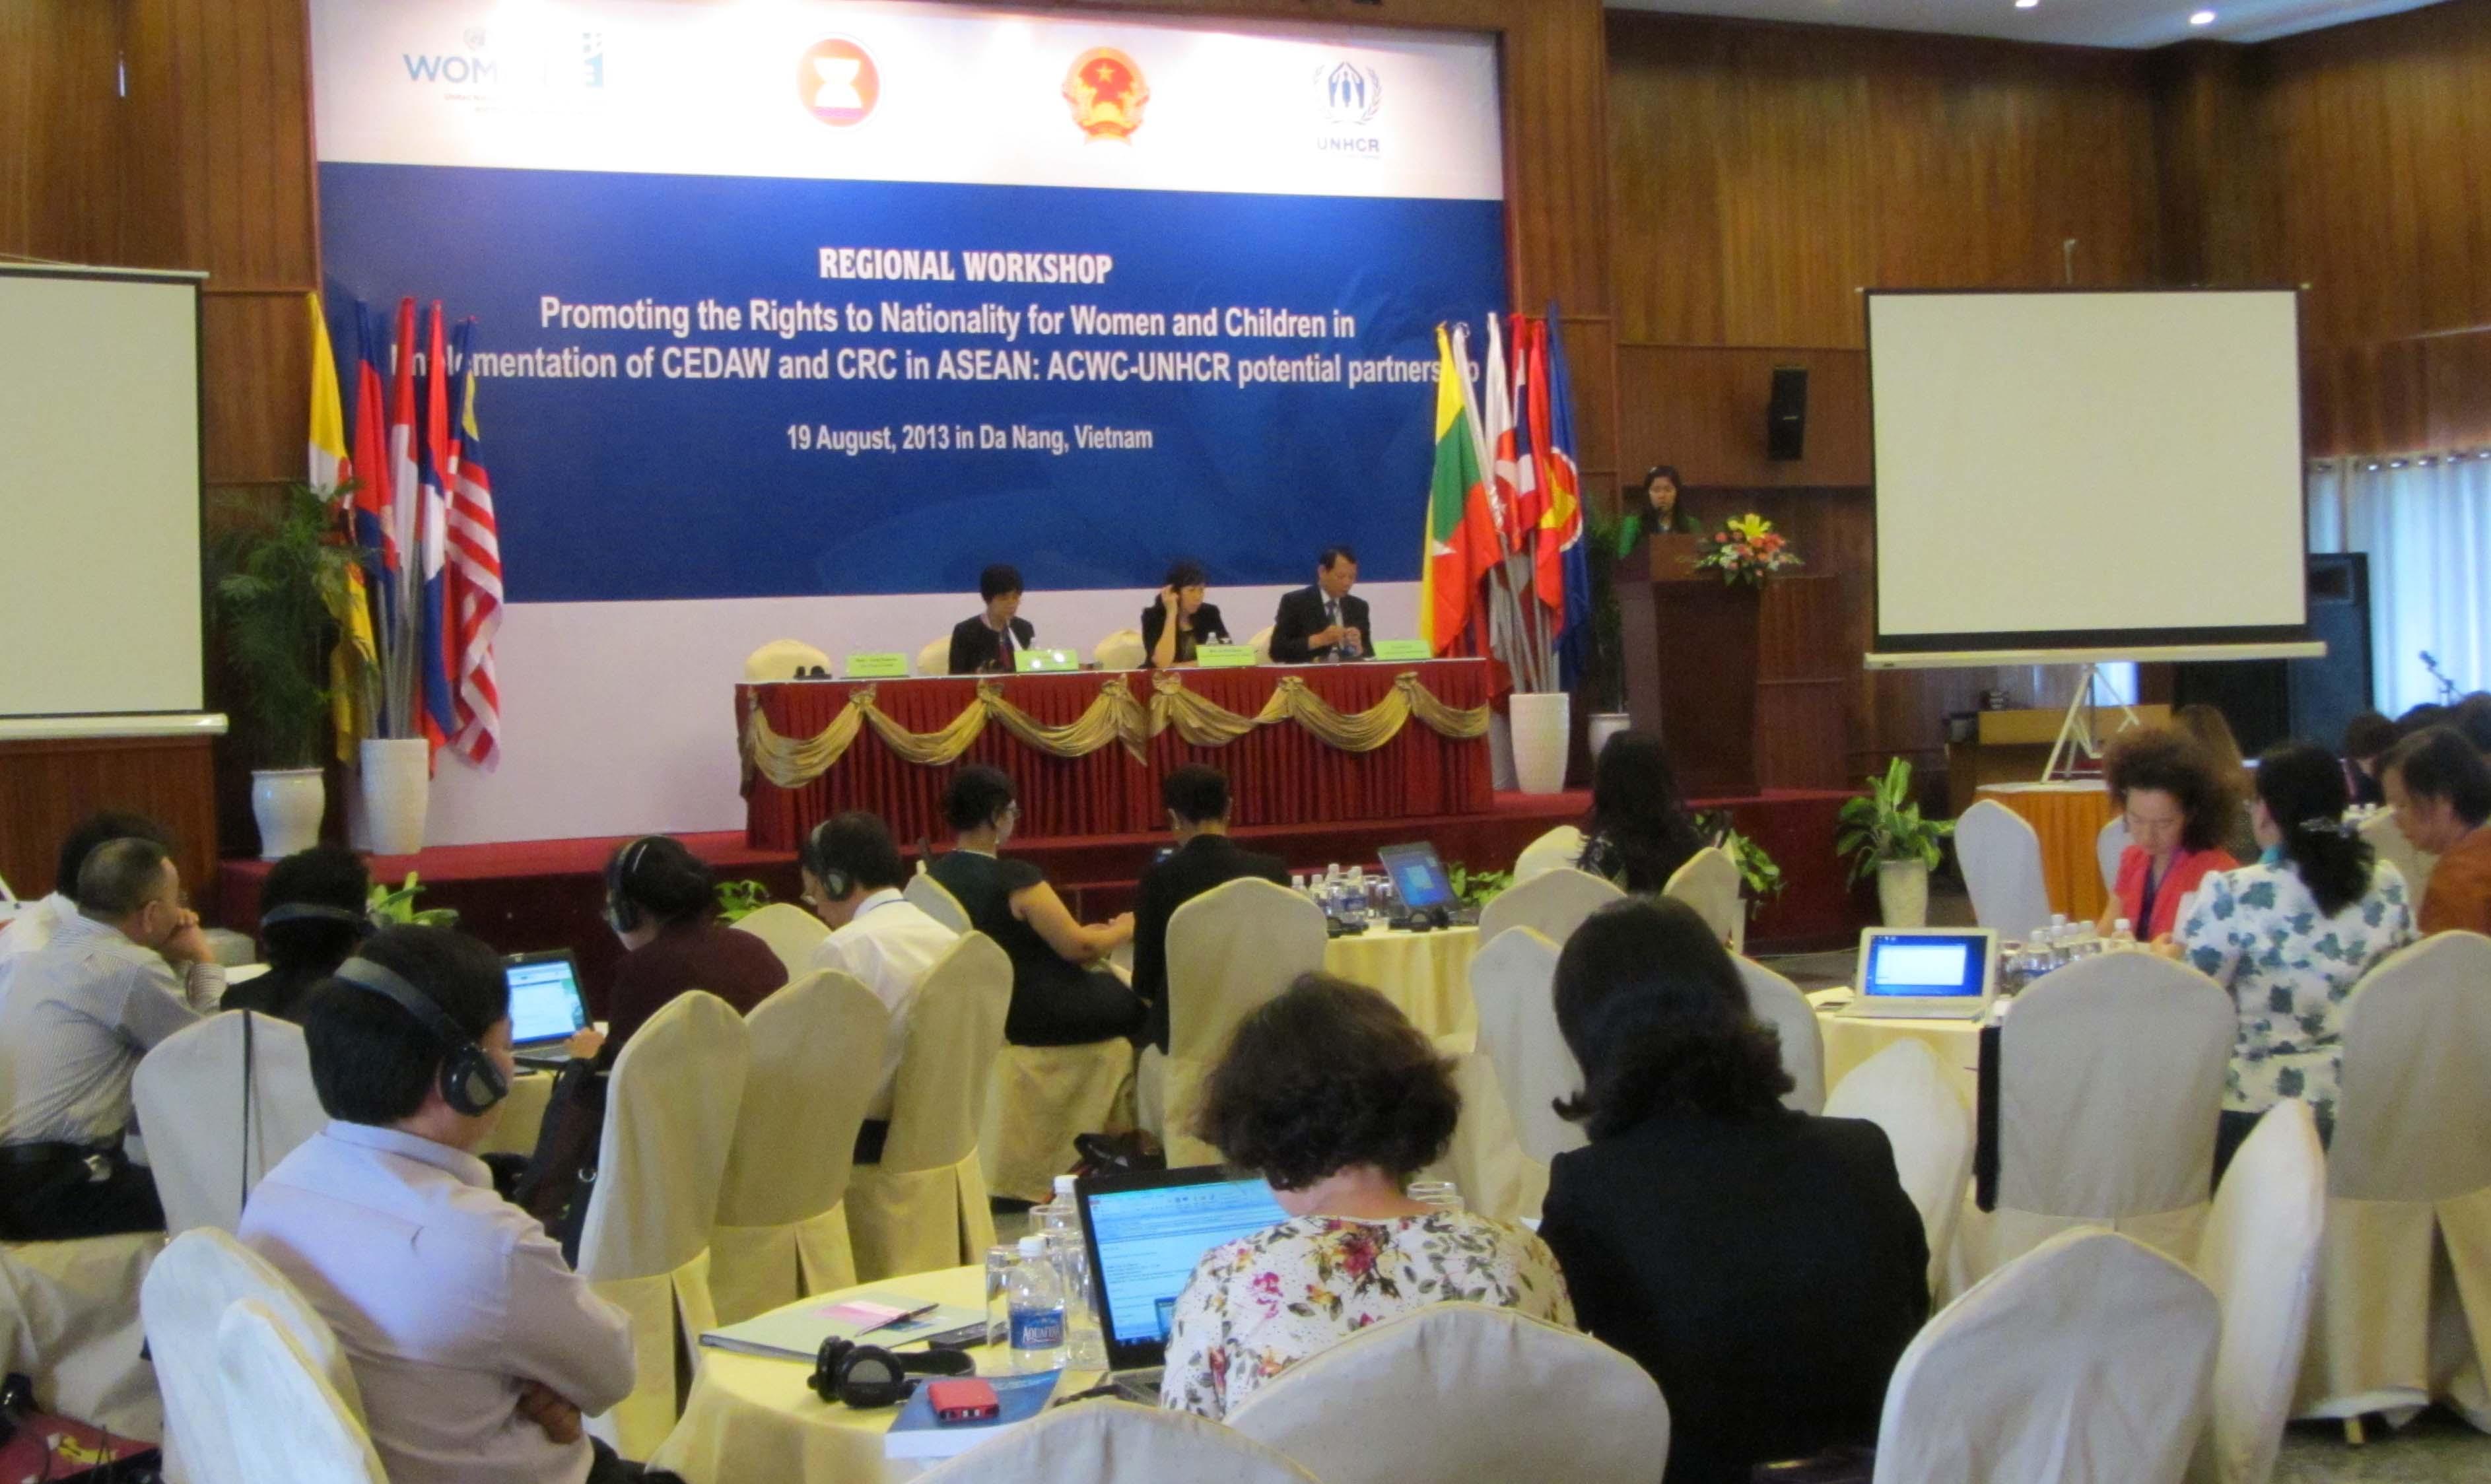 Đảm bảo quyền có quốc tịch của phụ nữ và trẻ em Asean 1